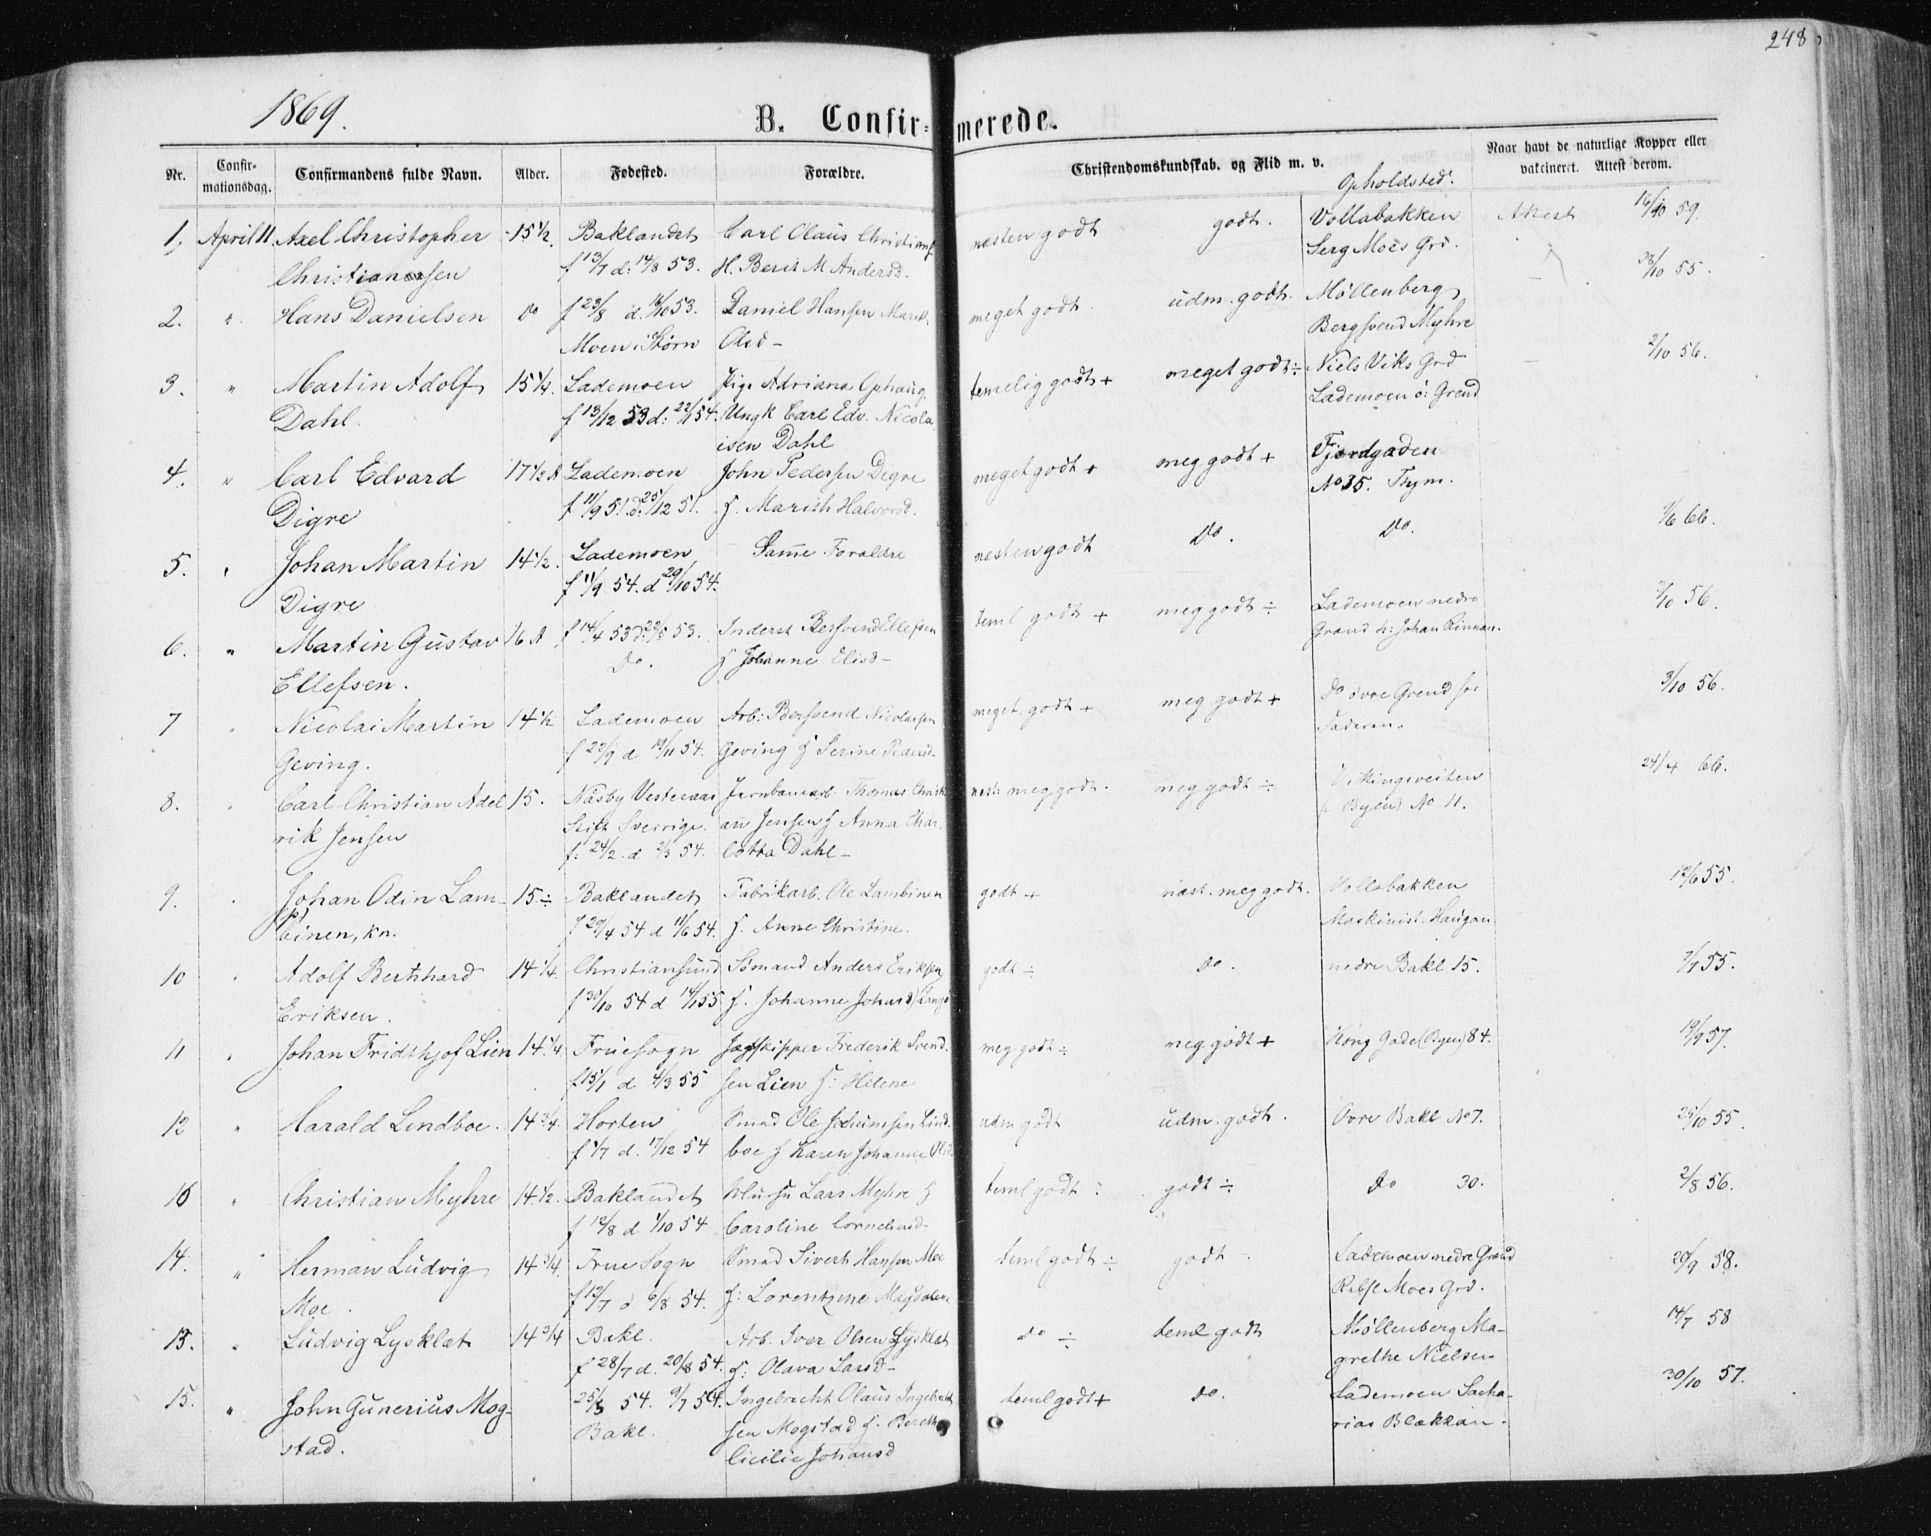 SAT, Ministerialprotokoller, klokkerbøker og fødselsregistre - Sør-Trøndelag, 604/L0186: Ministerialbok nr. 604A07, 1866-1877, s. 248